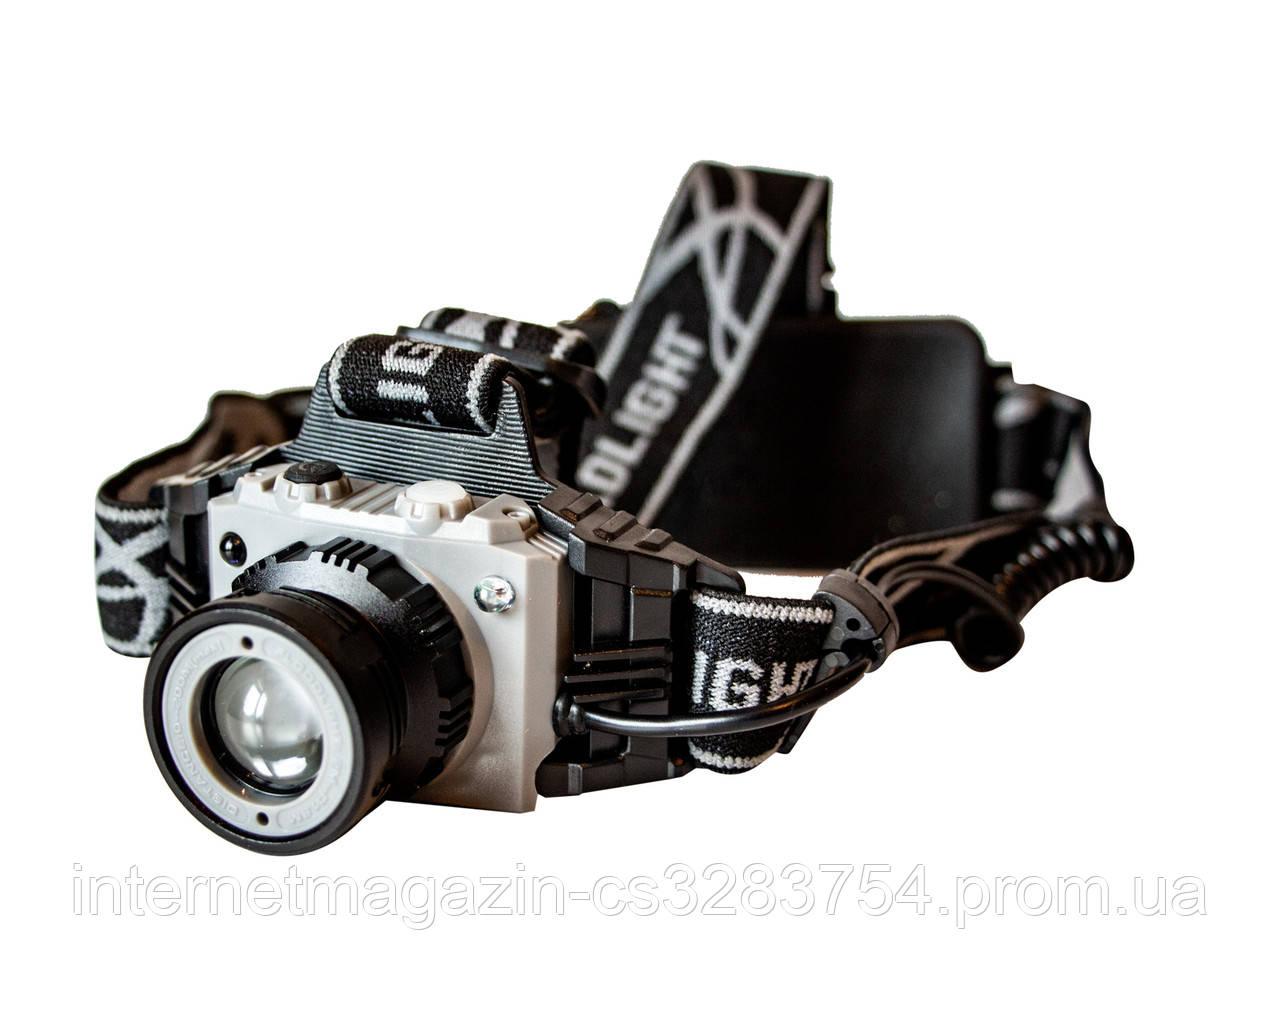 Налобный фонарь P-1005-T6 (2001)